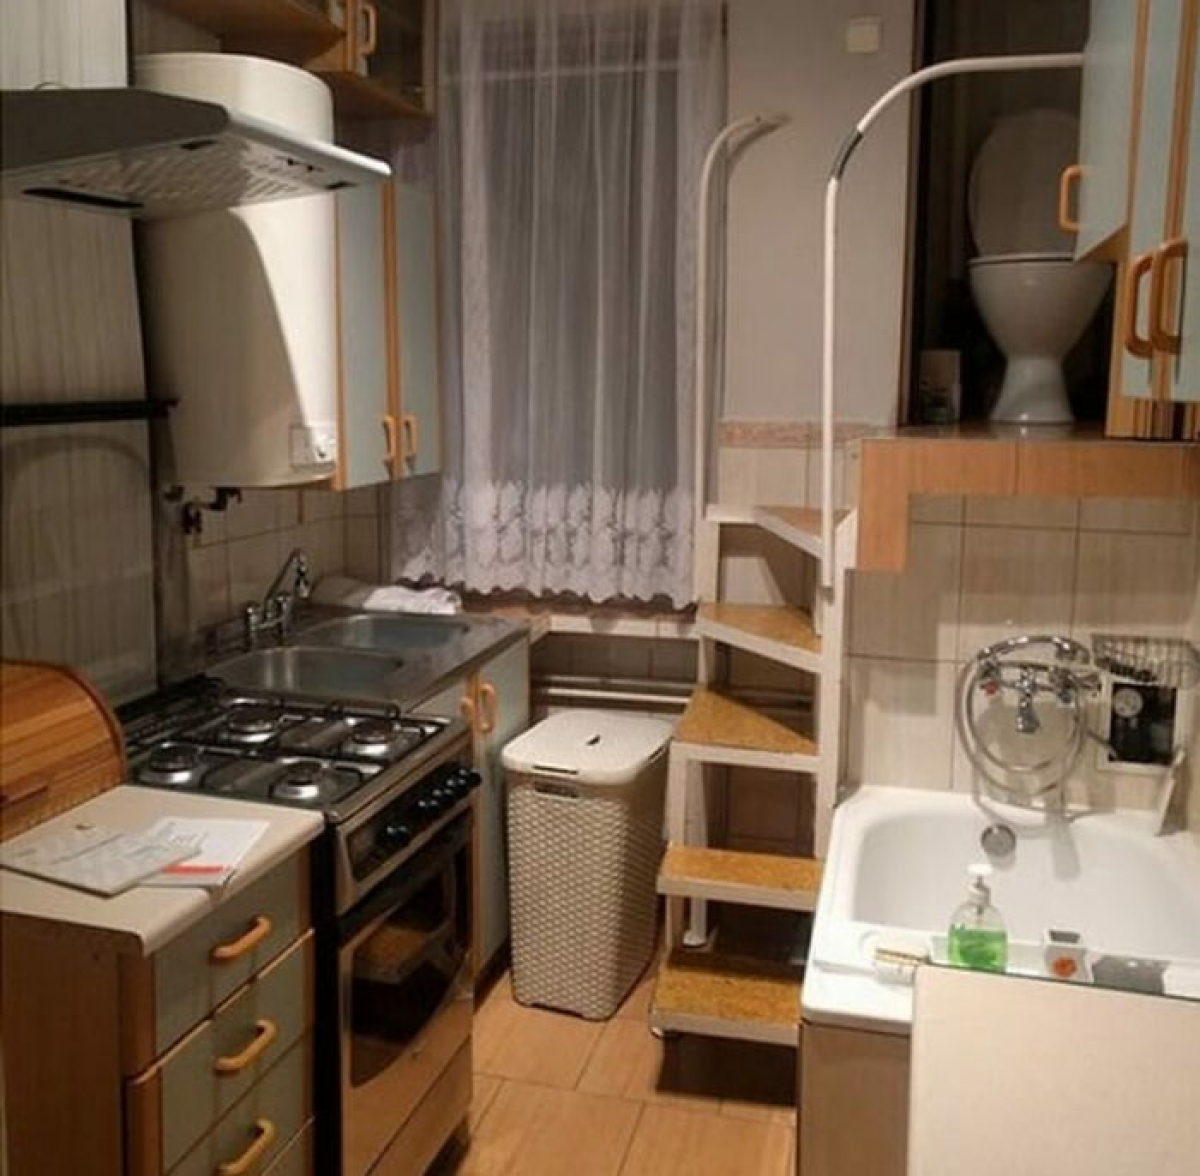 Vẫn biết là nhà chật chội nhưng cái cảnh người vừa nấu ăn người vừa tắm rửa thì...